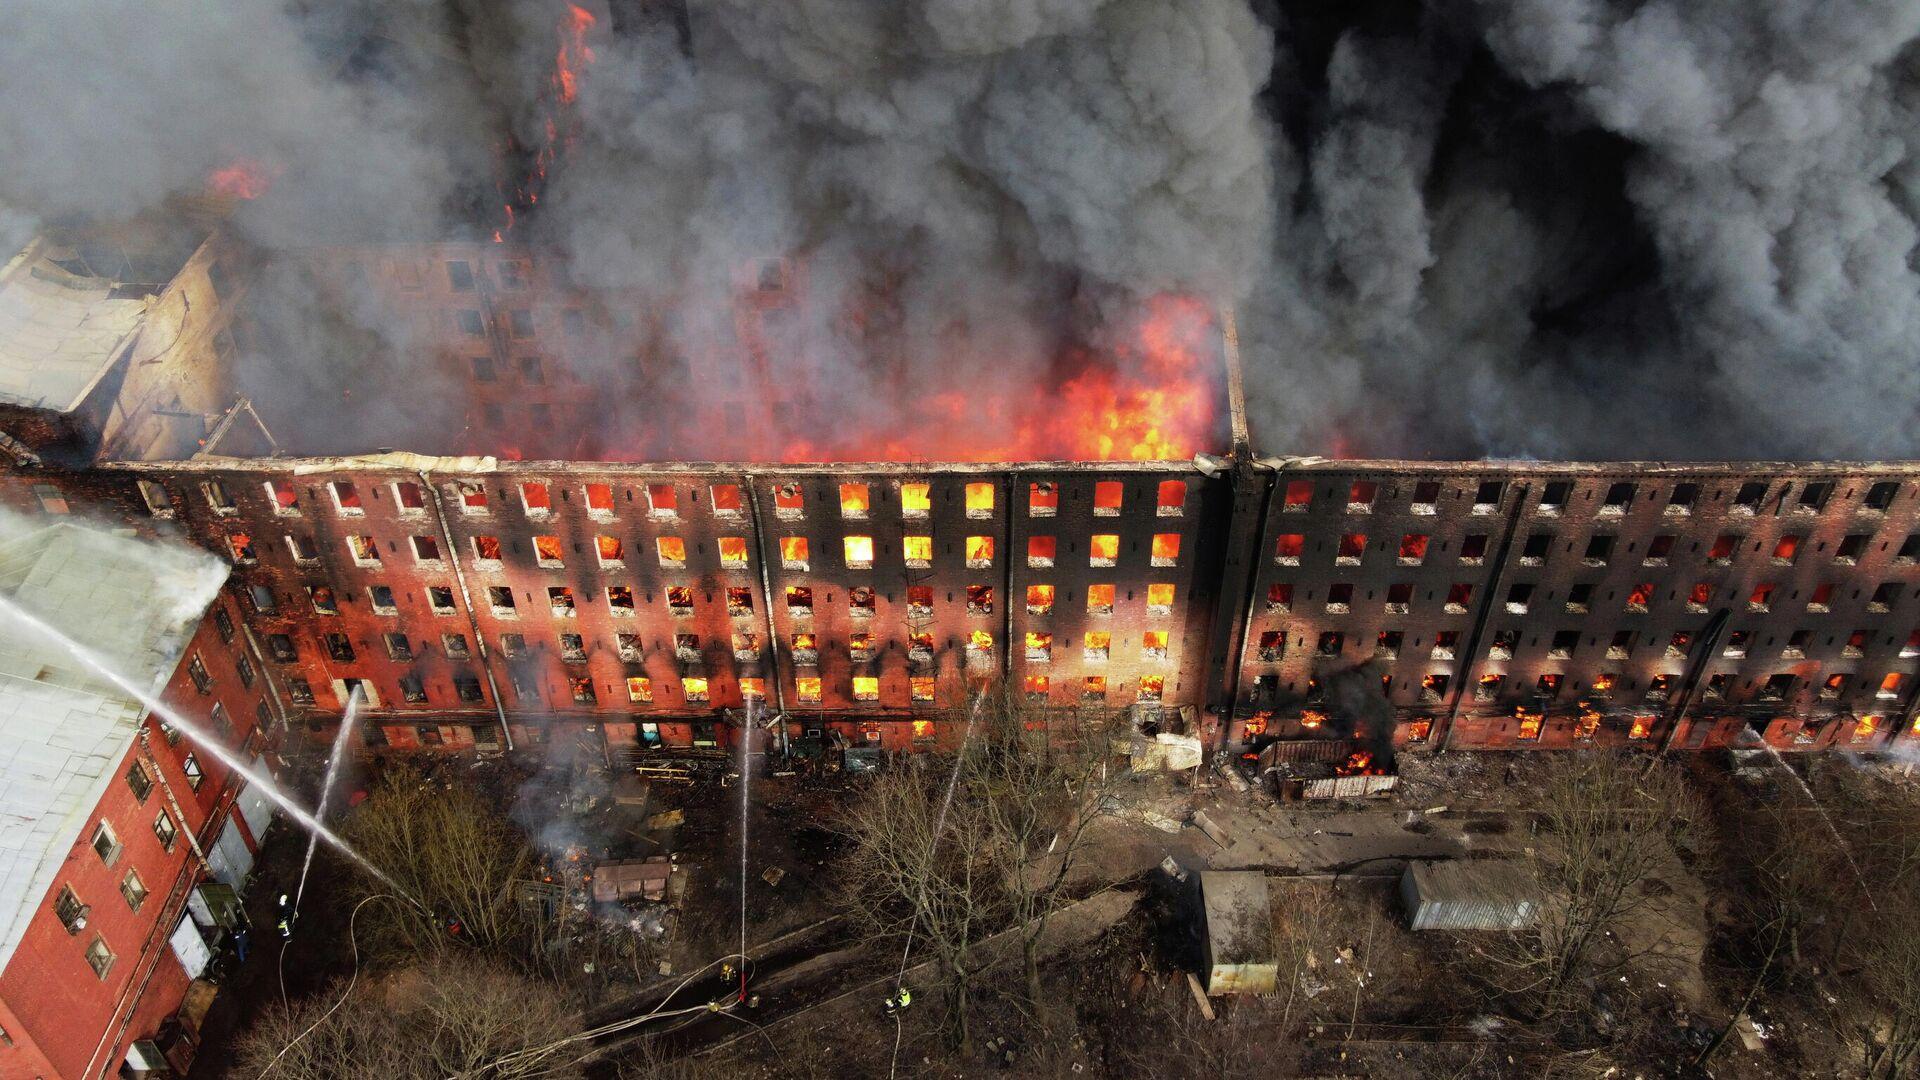 Пожар в здании фабрики Невская мануфактура на Октябрьской набережной в Санкт-Петербурге - РИА Новости, 1920, 14.04.2021